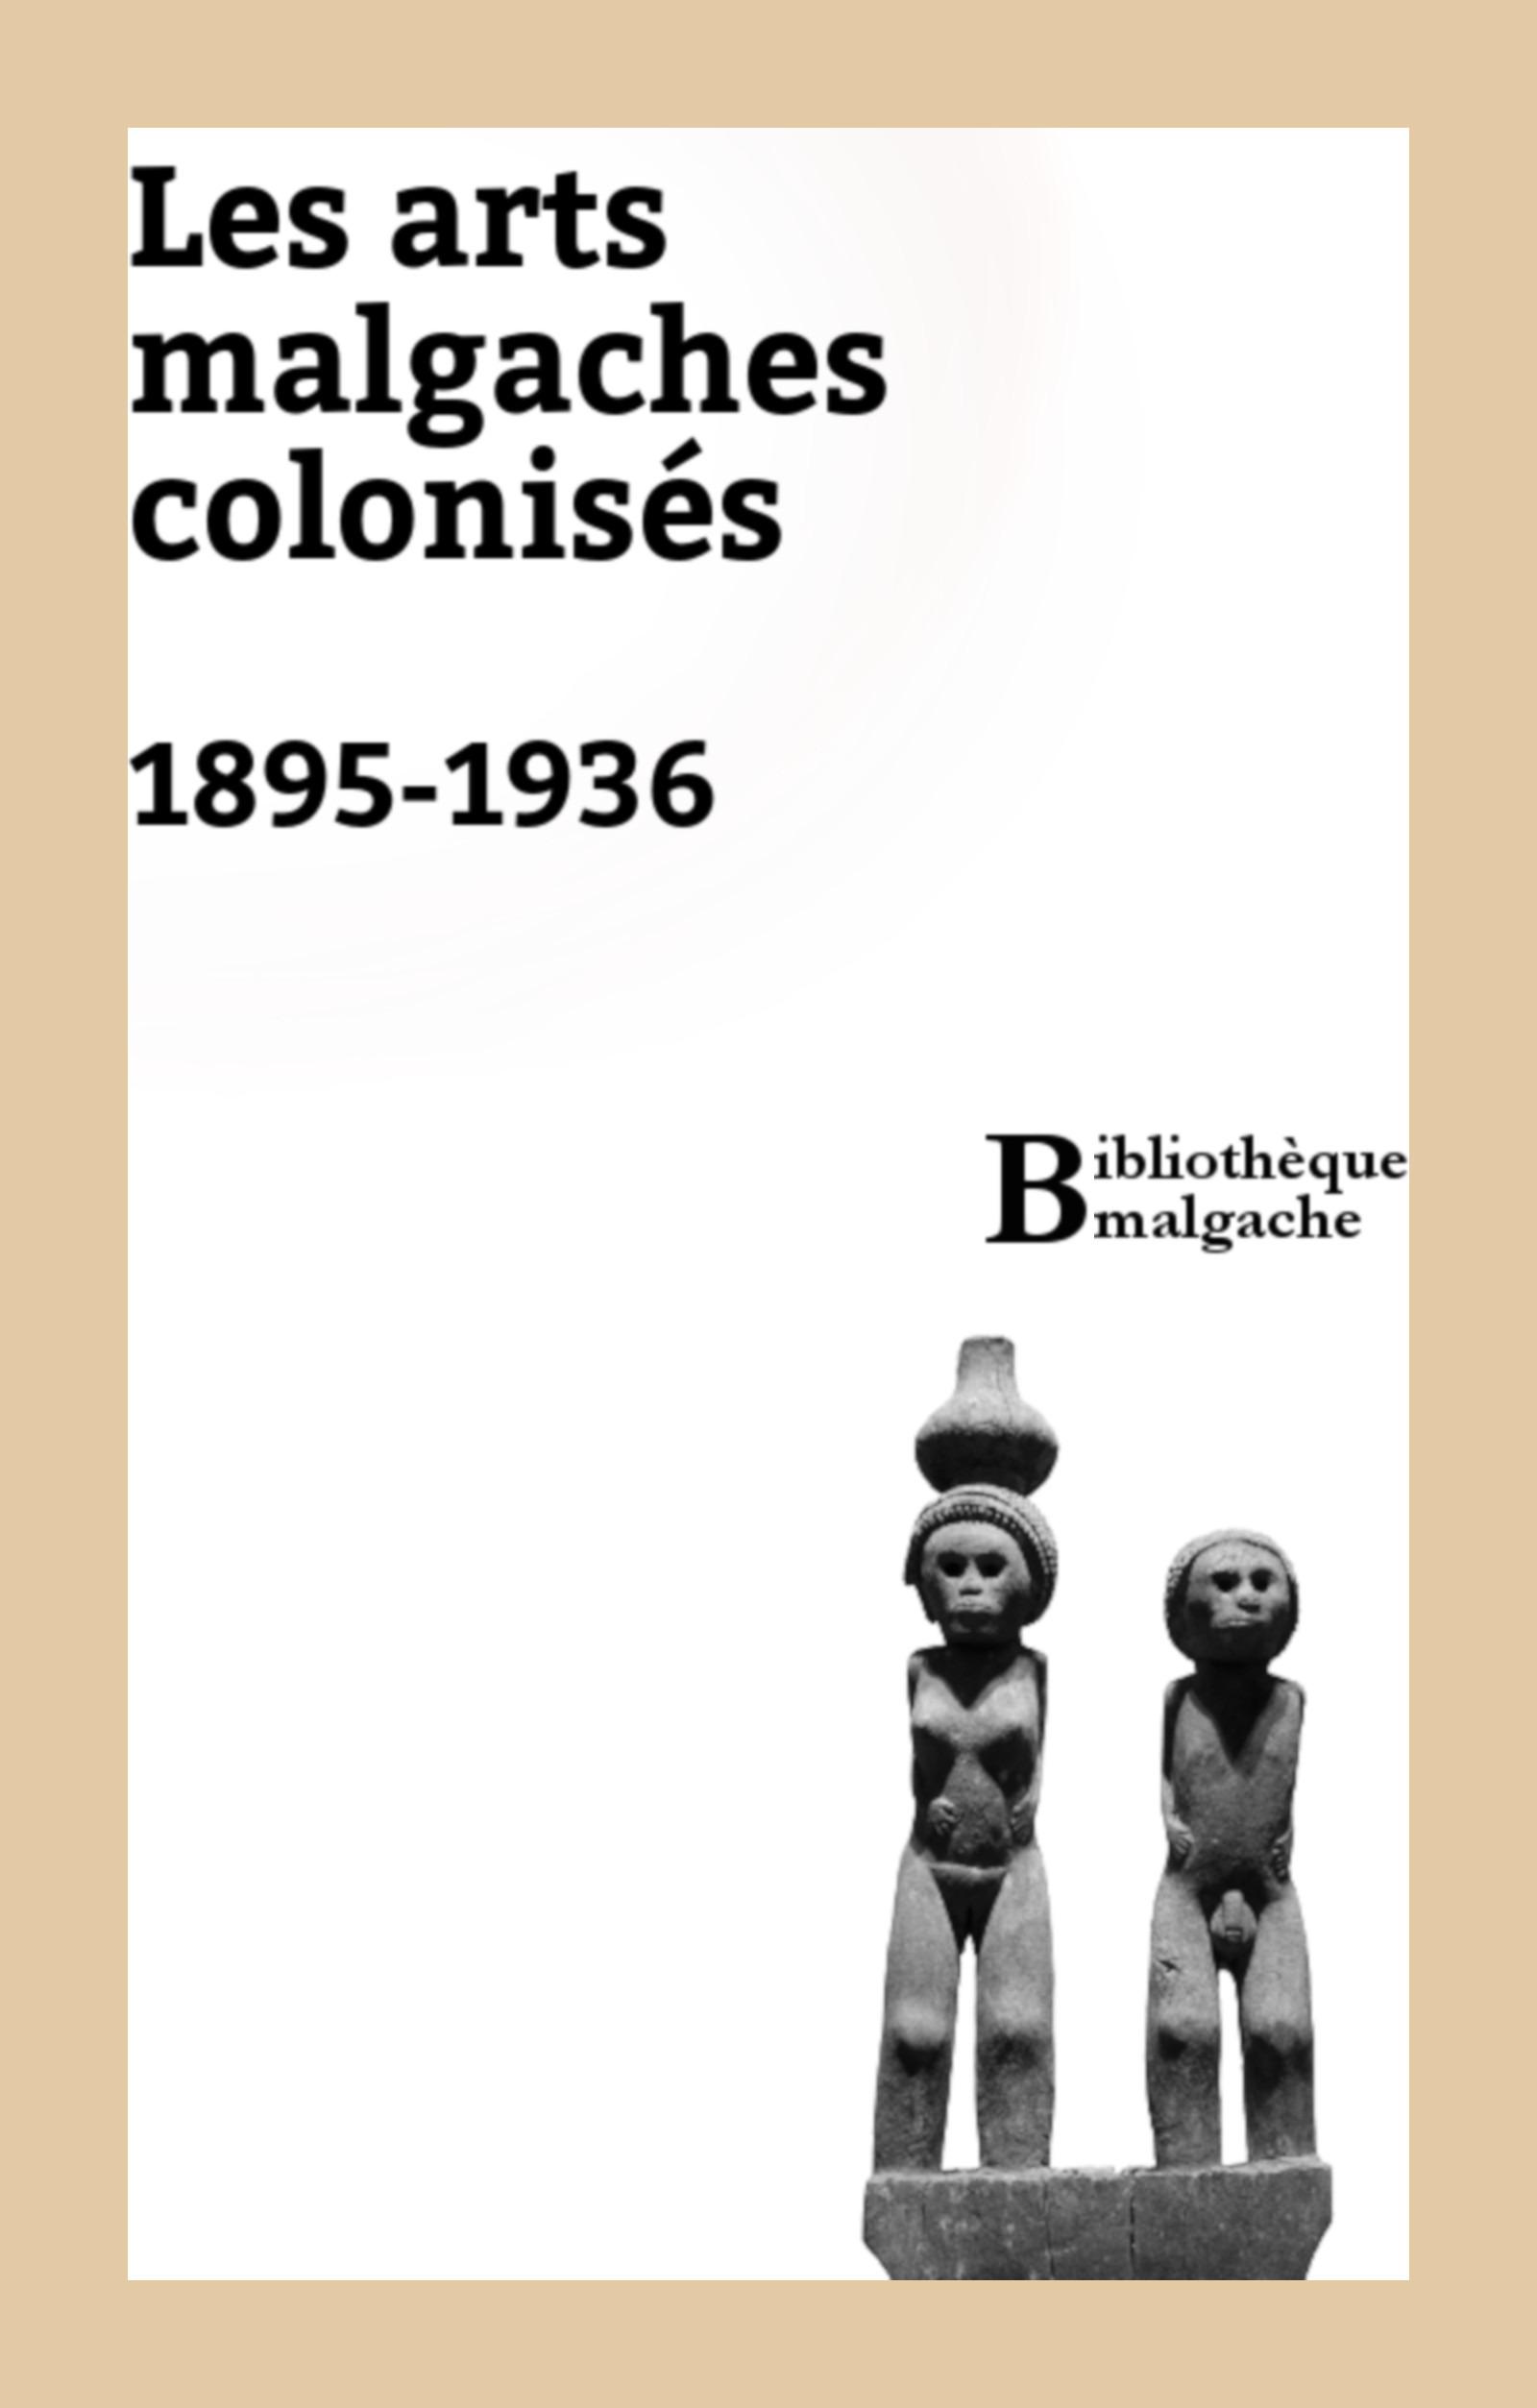 Les arts malgaches colonisés. 1895-1936